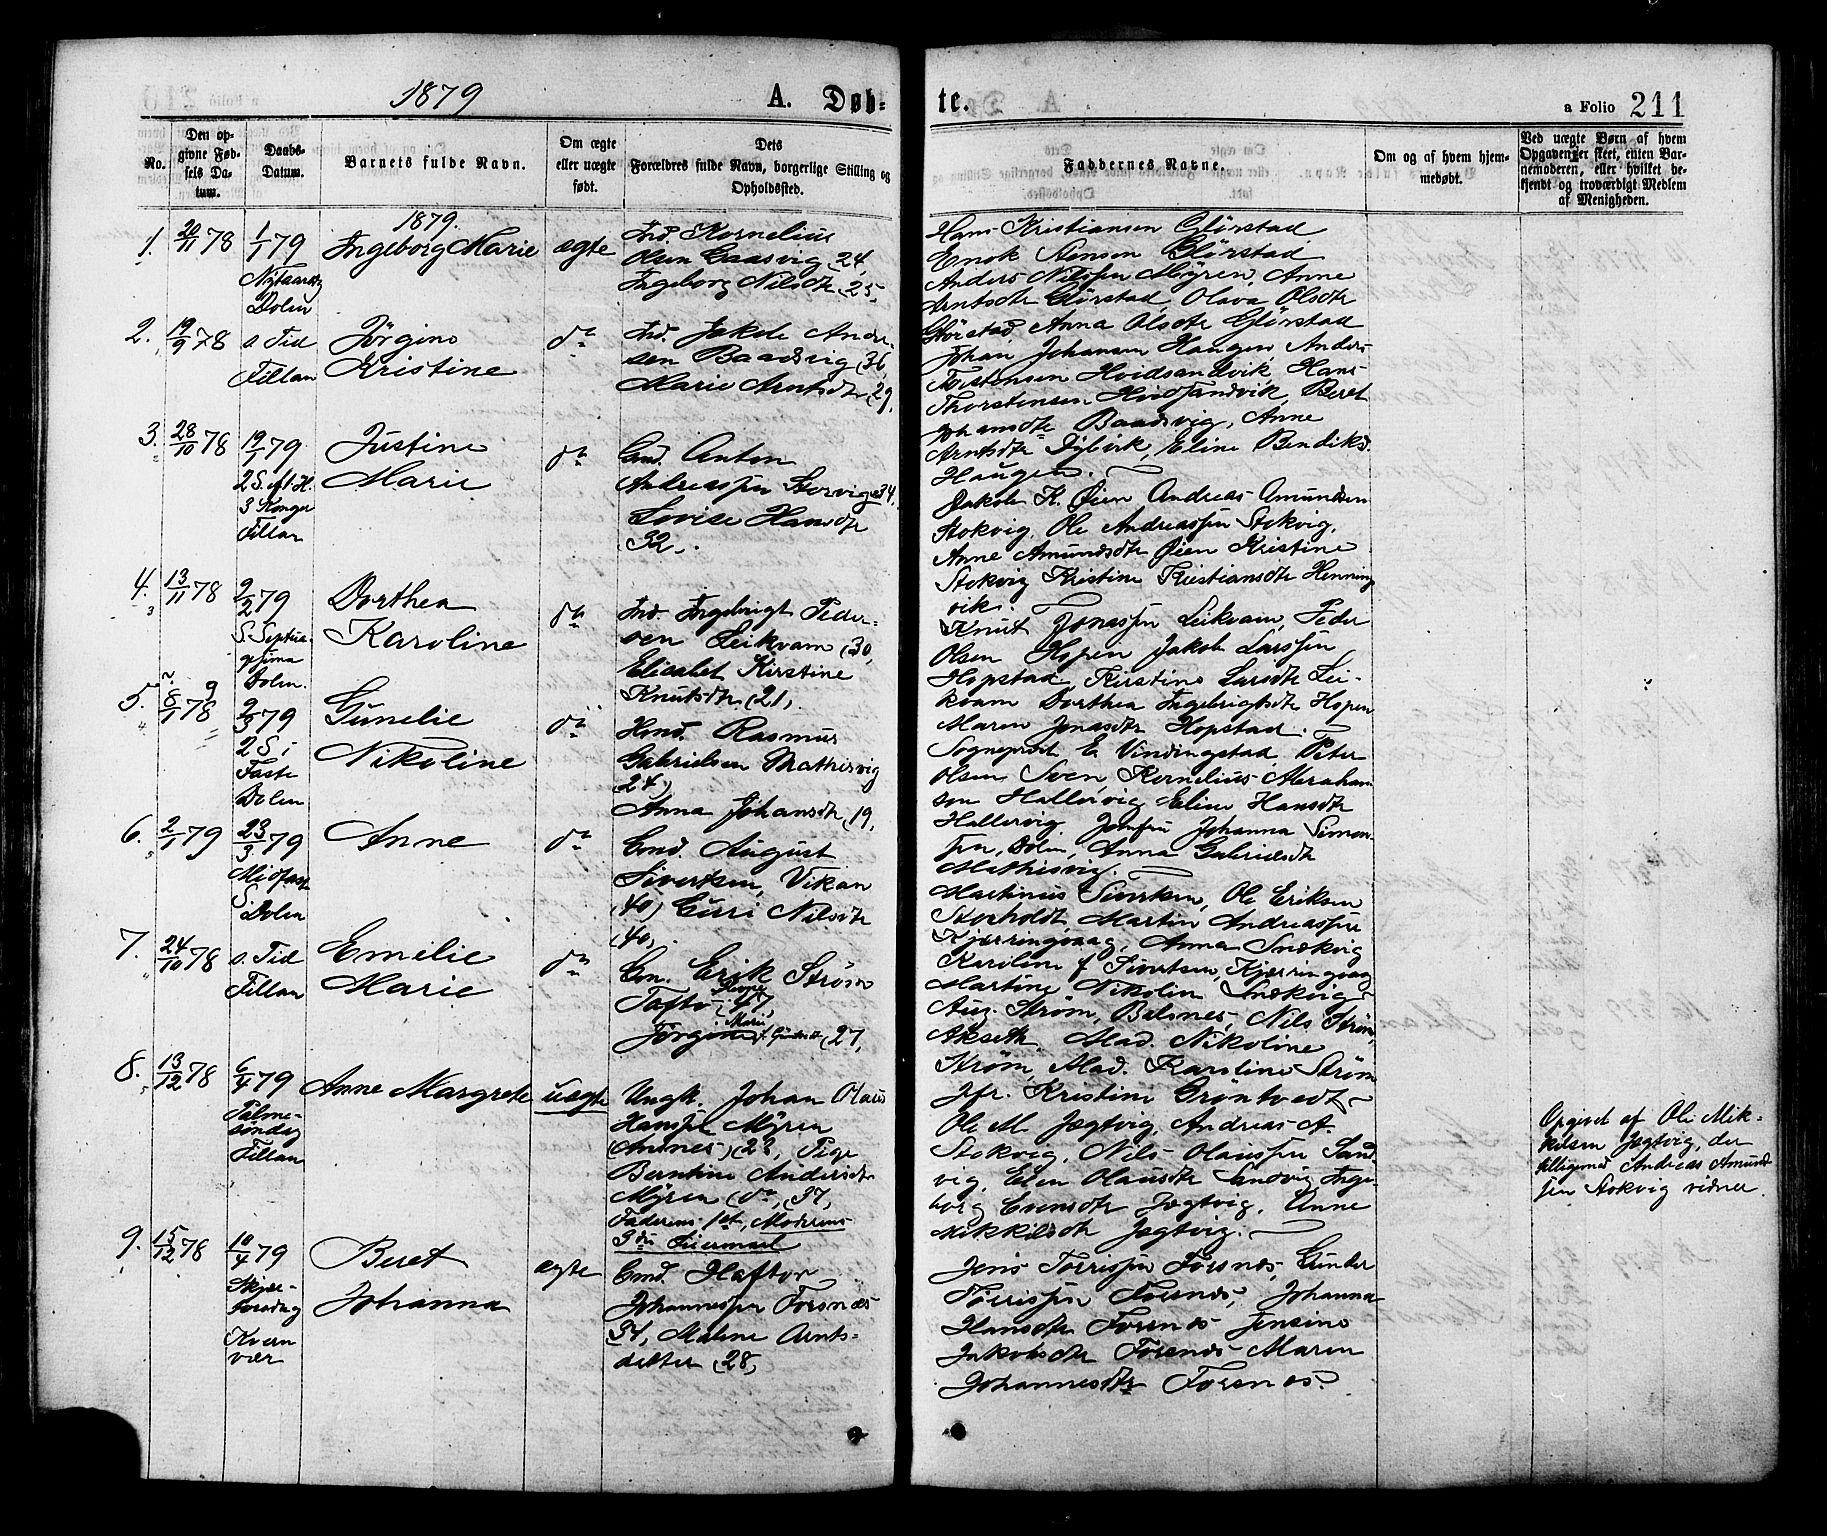 SAT, Ministerialprotokoller, klokkerbøker og fødselsregistre - Sør-Trøndelag, 634/L0532: Ministerialbok nr. 634A08, 1871-1881, s. 211